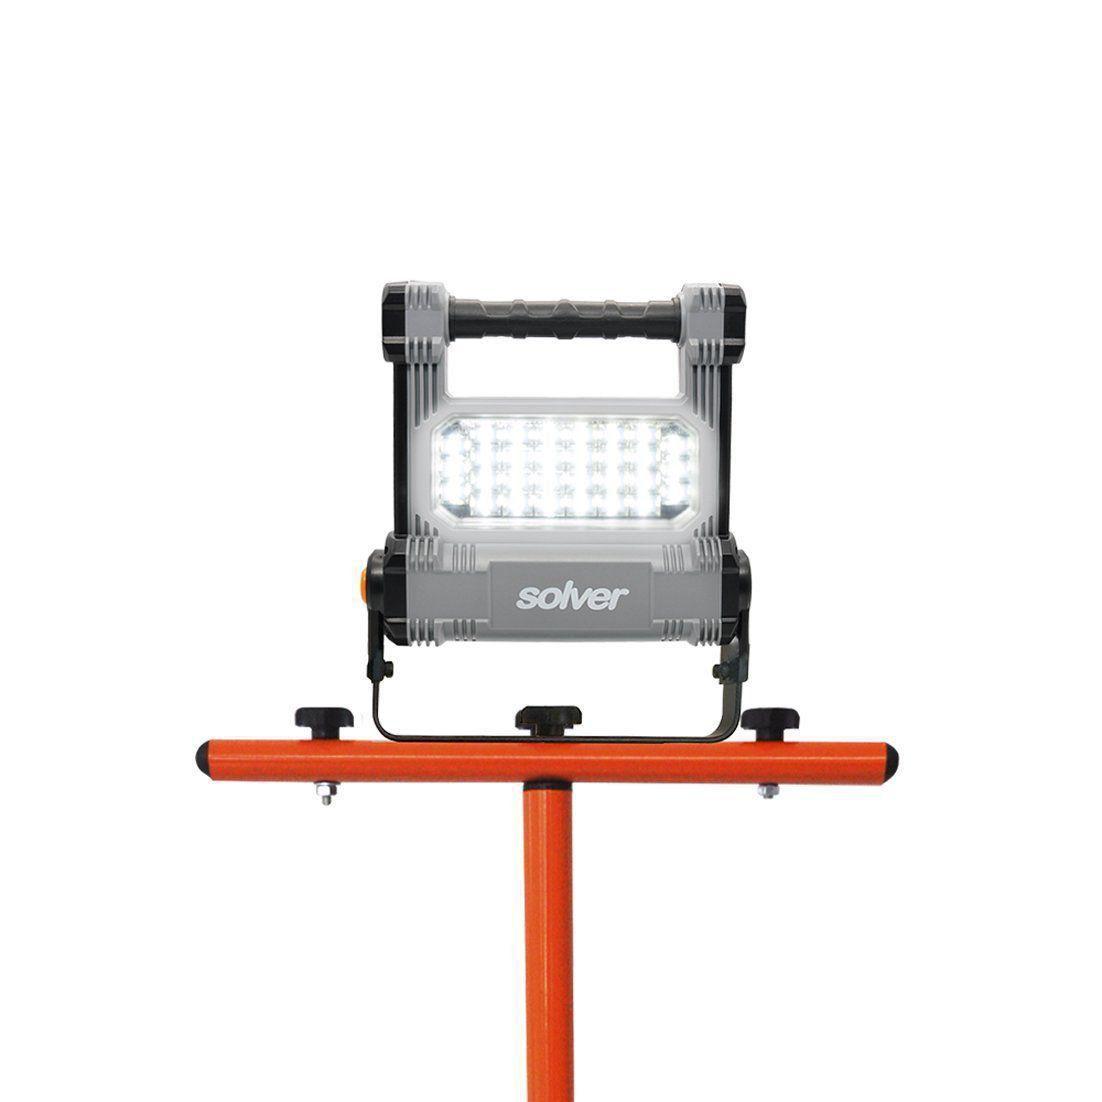 Refletor Portátil Pro Recarregável LED Solver SLP-501 e Suporte Tripé para refletor  - EMPORIO K